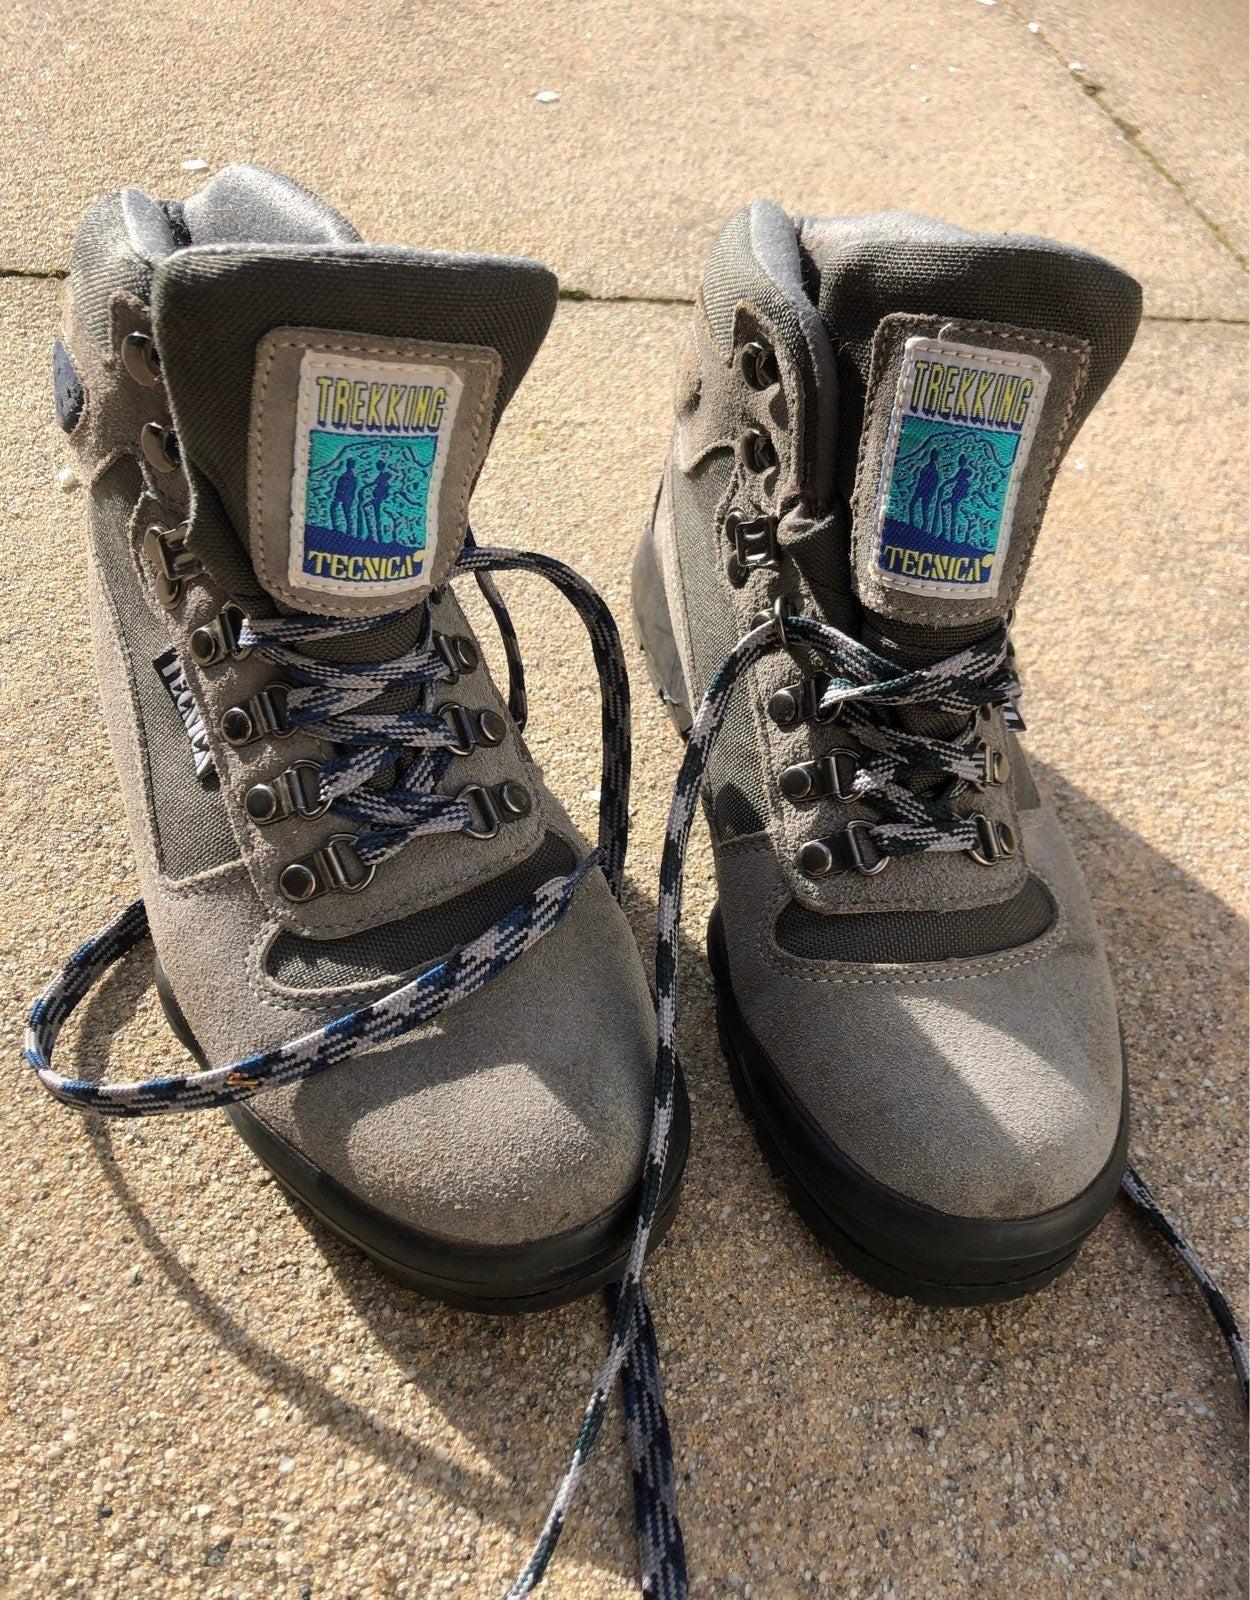 Tecnica trekking boots